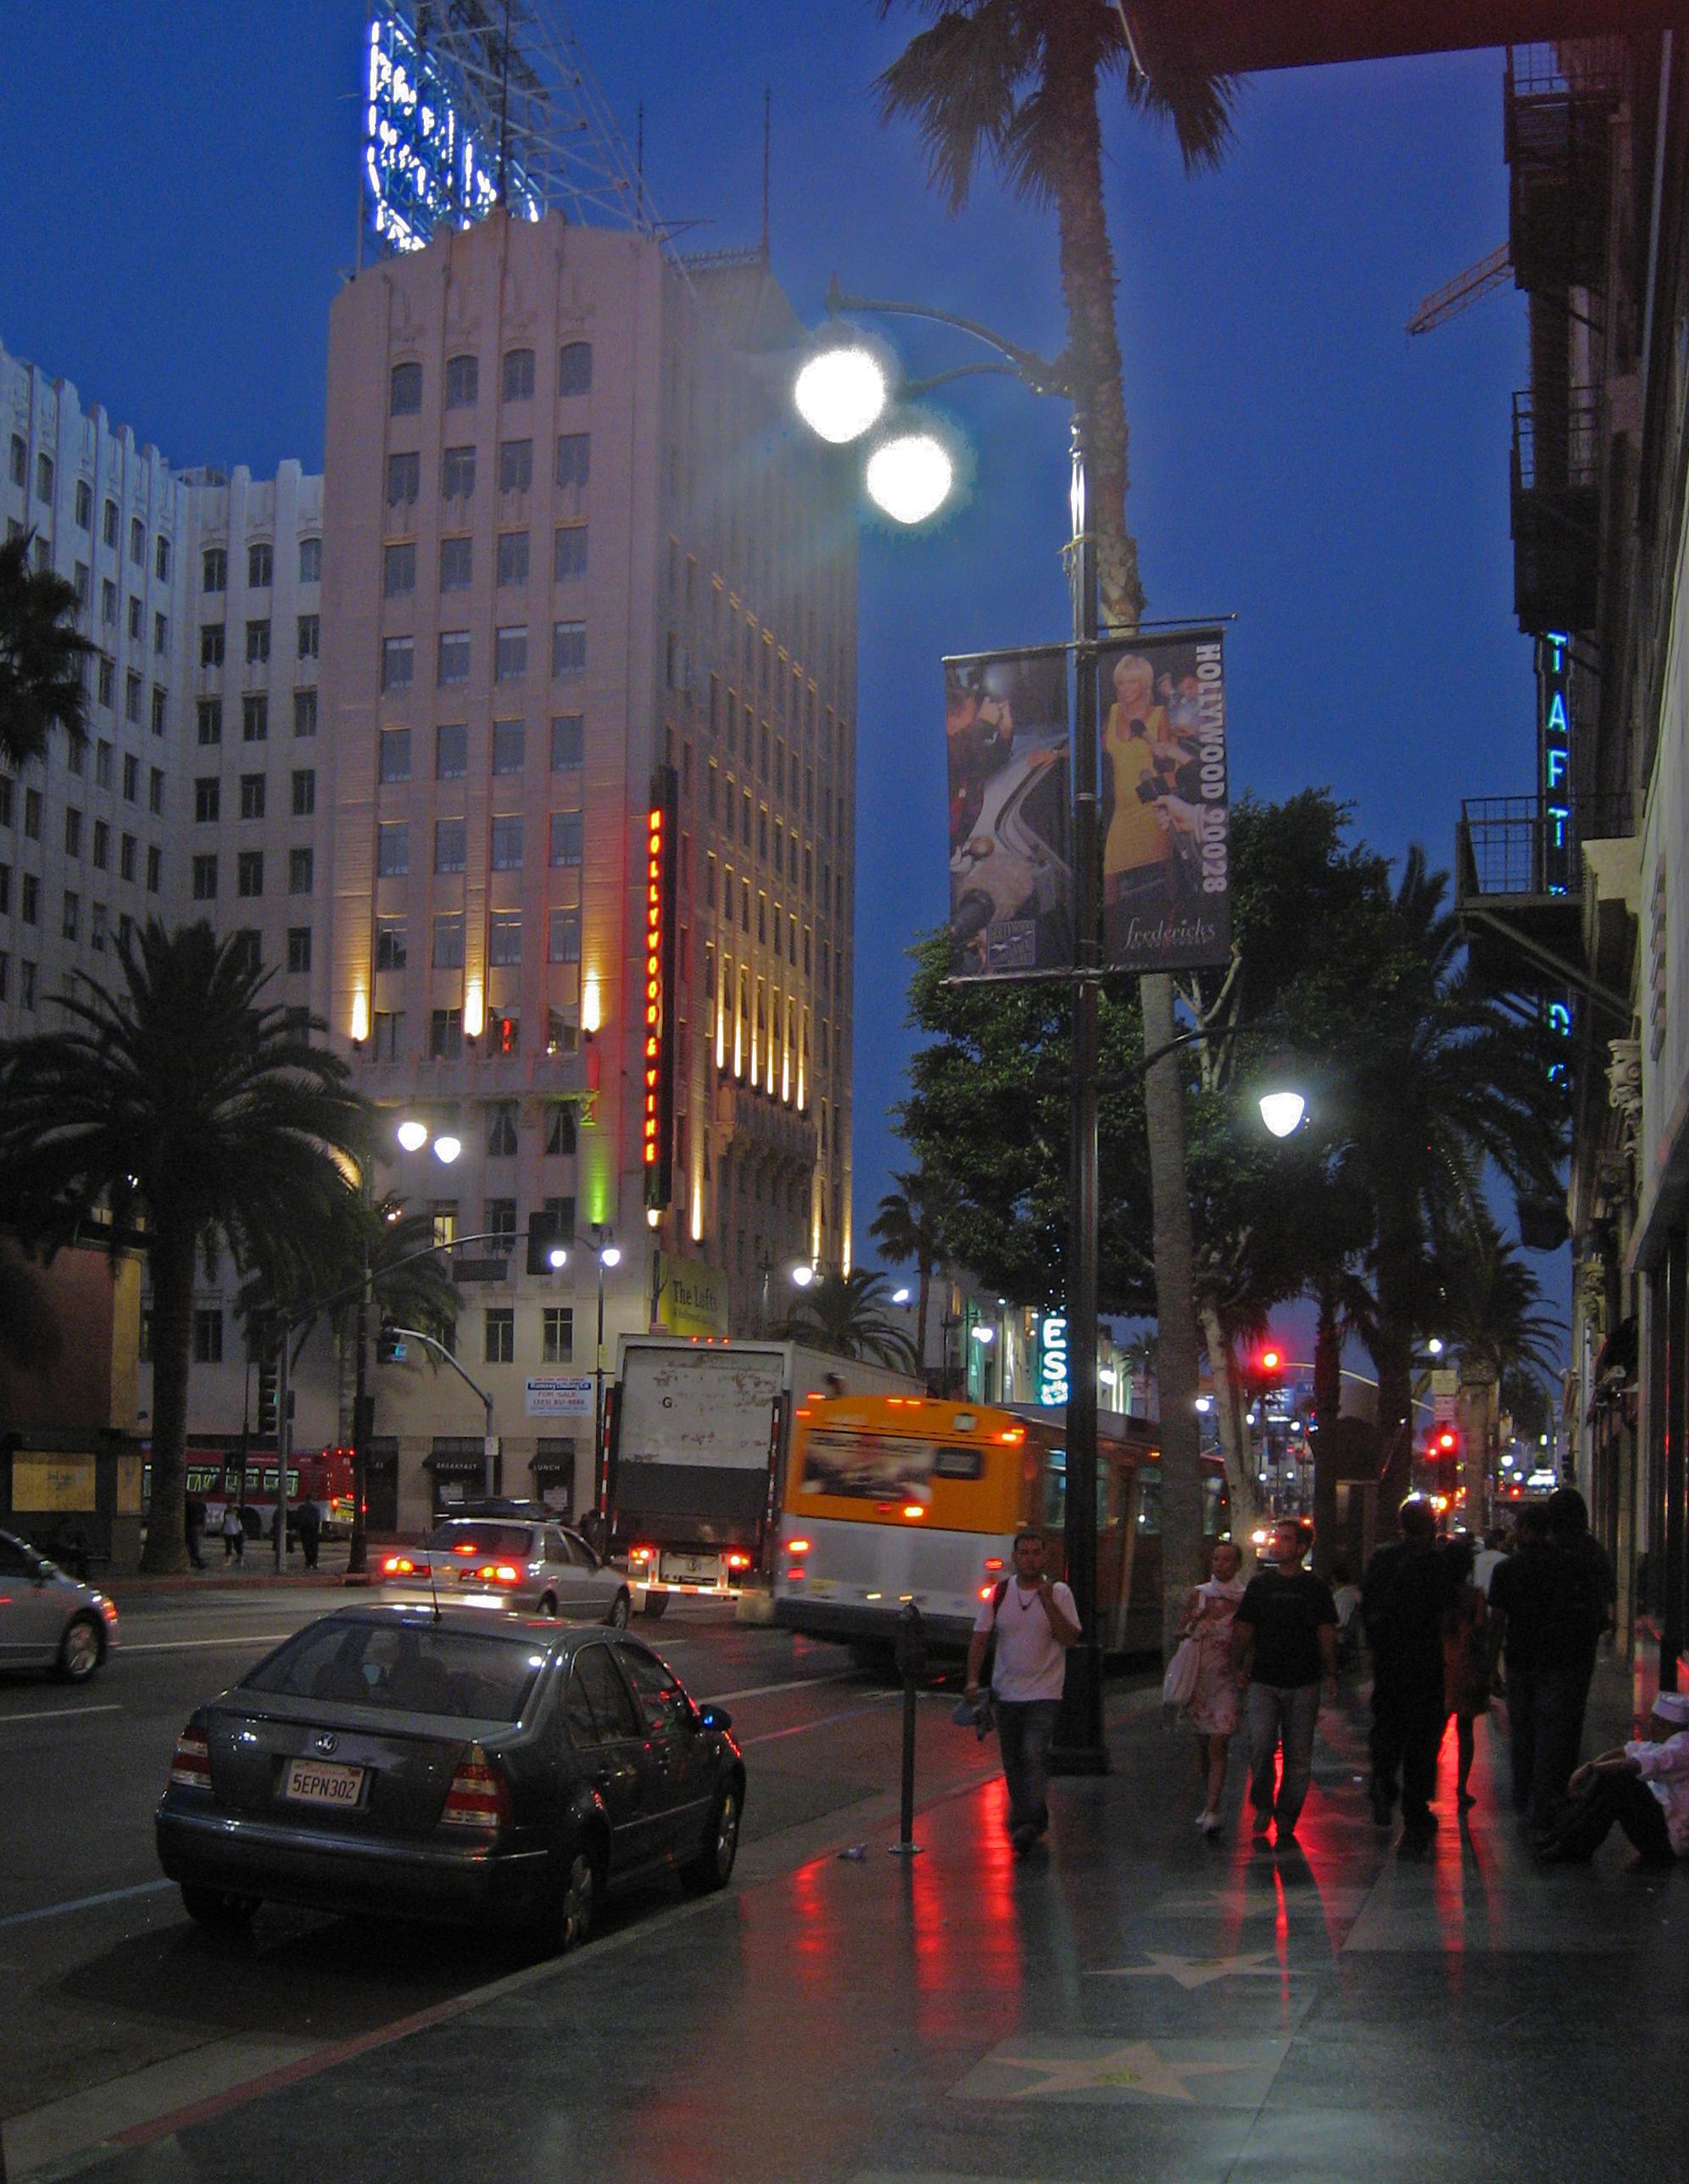 hollywood blvd at night wwwimgkidcom the image kid